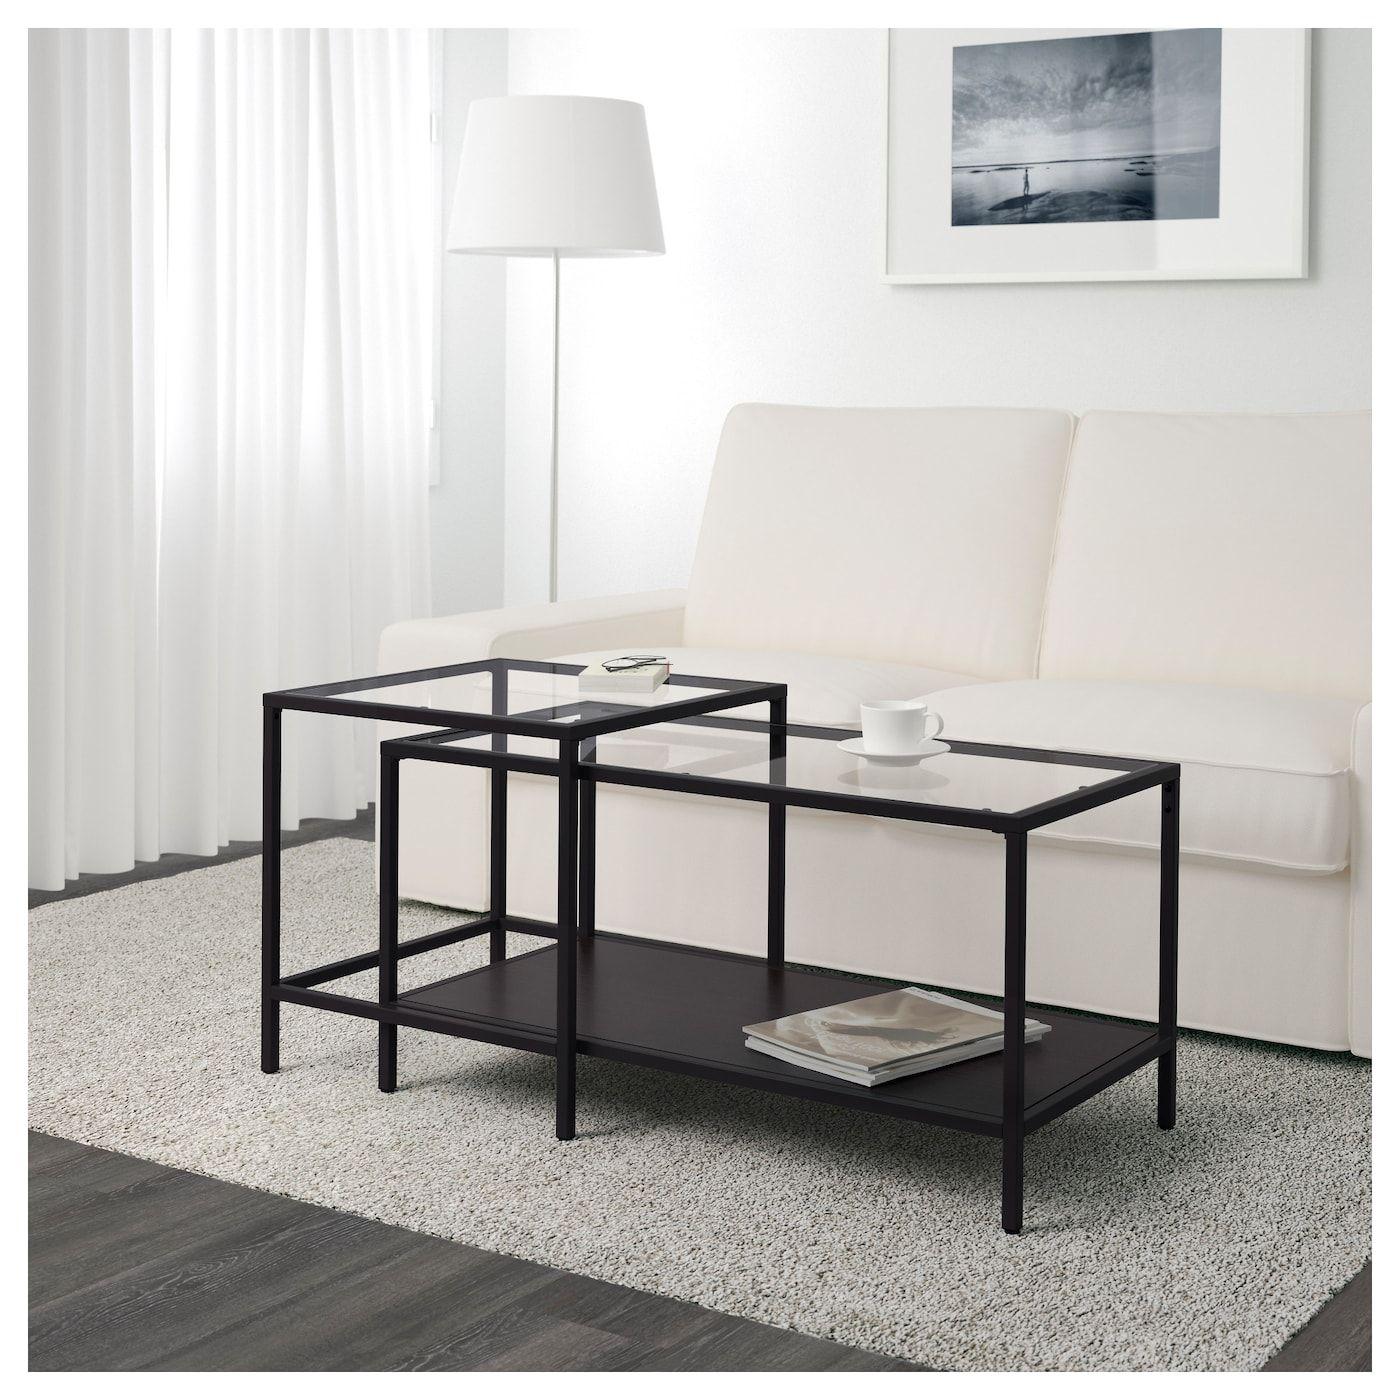 Vittsjo Nesting Tables Set Of 2 Black Brown Glass 35 3 8x19 5 8 Ikea Ikea Side Table Ikea Nesting Tables Coffee Table [ 1400 x 1400 Pixel ]